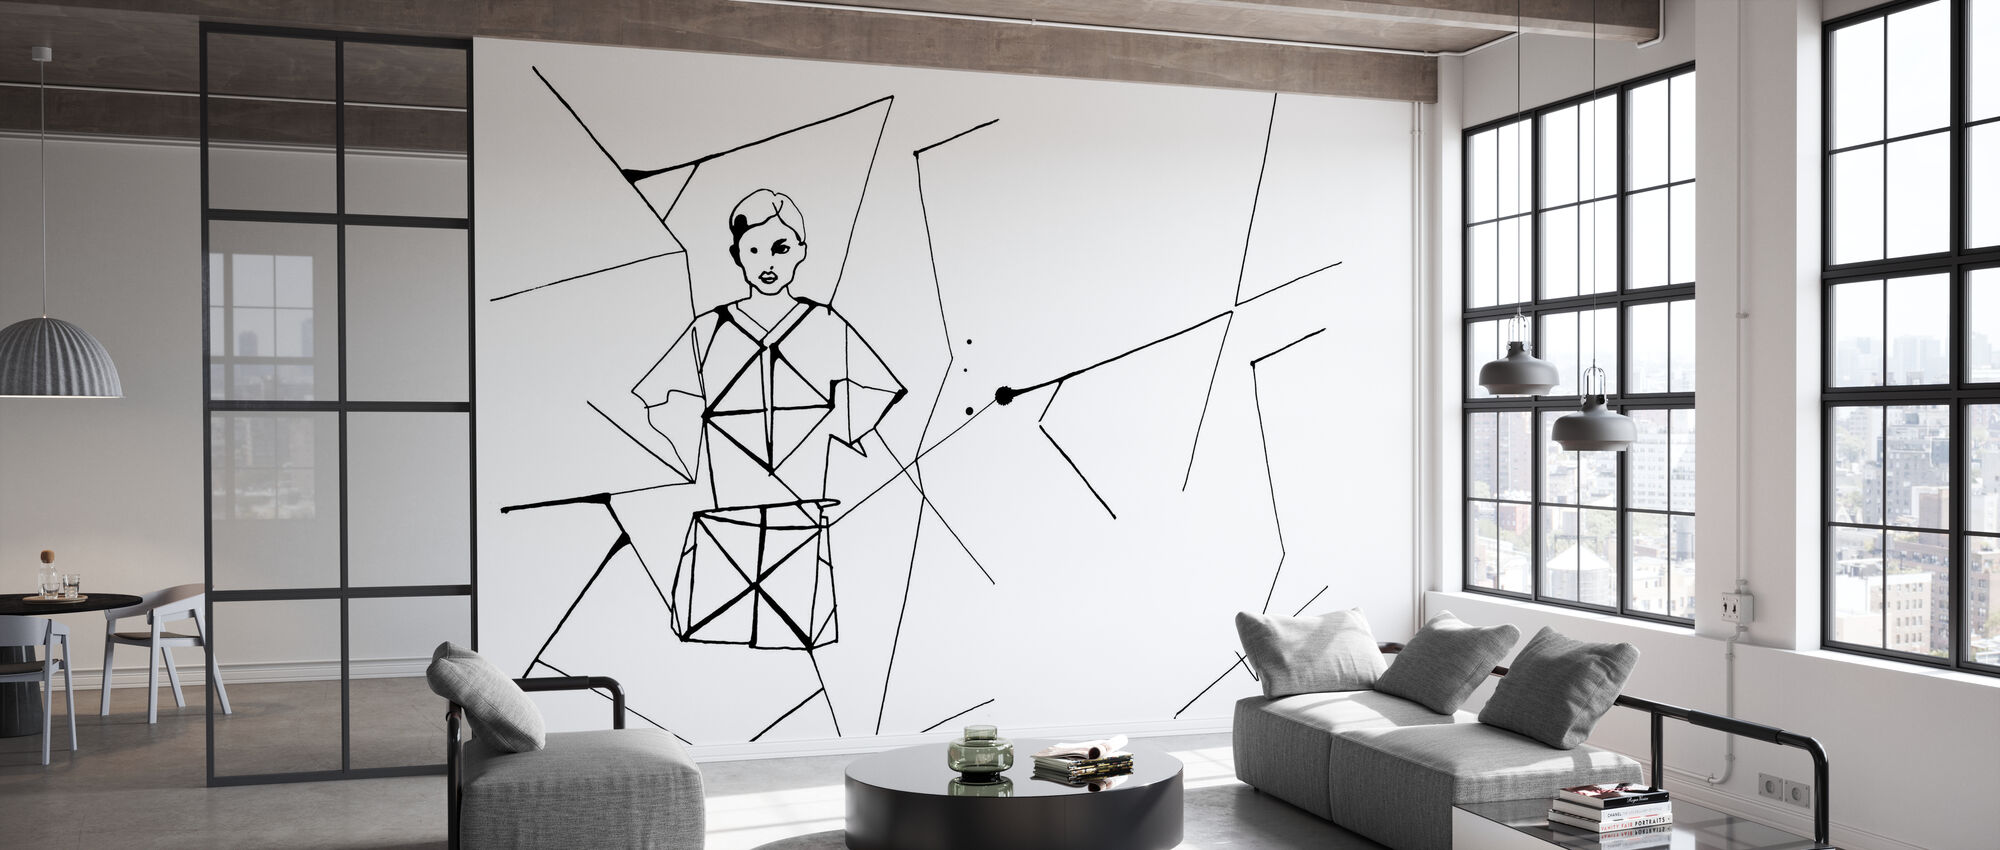 Pleated Beauty II - Wallpaper - Office